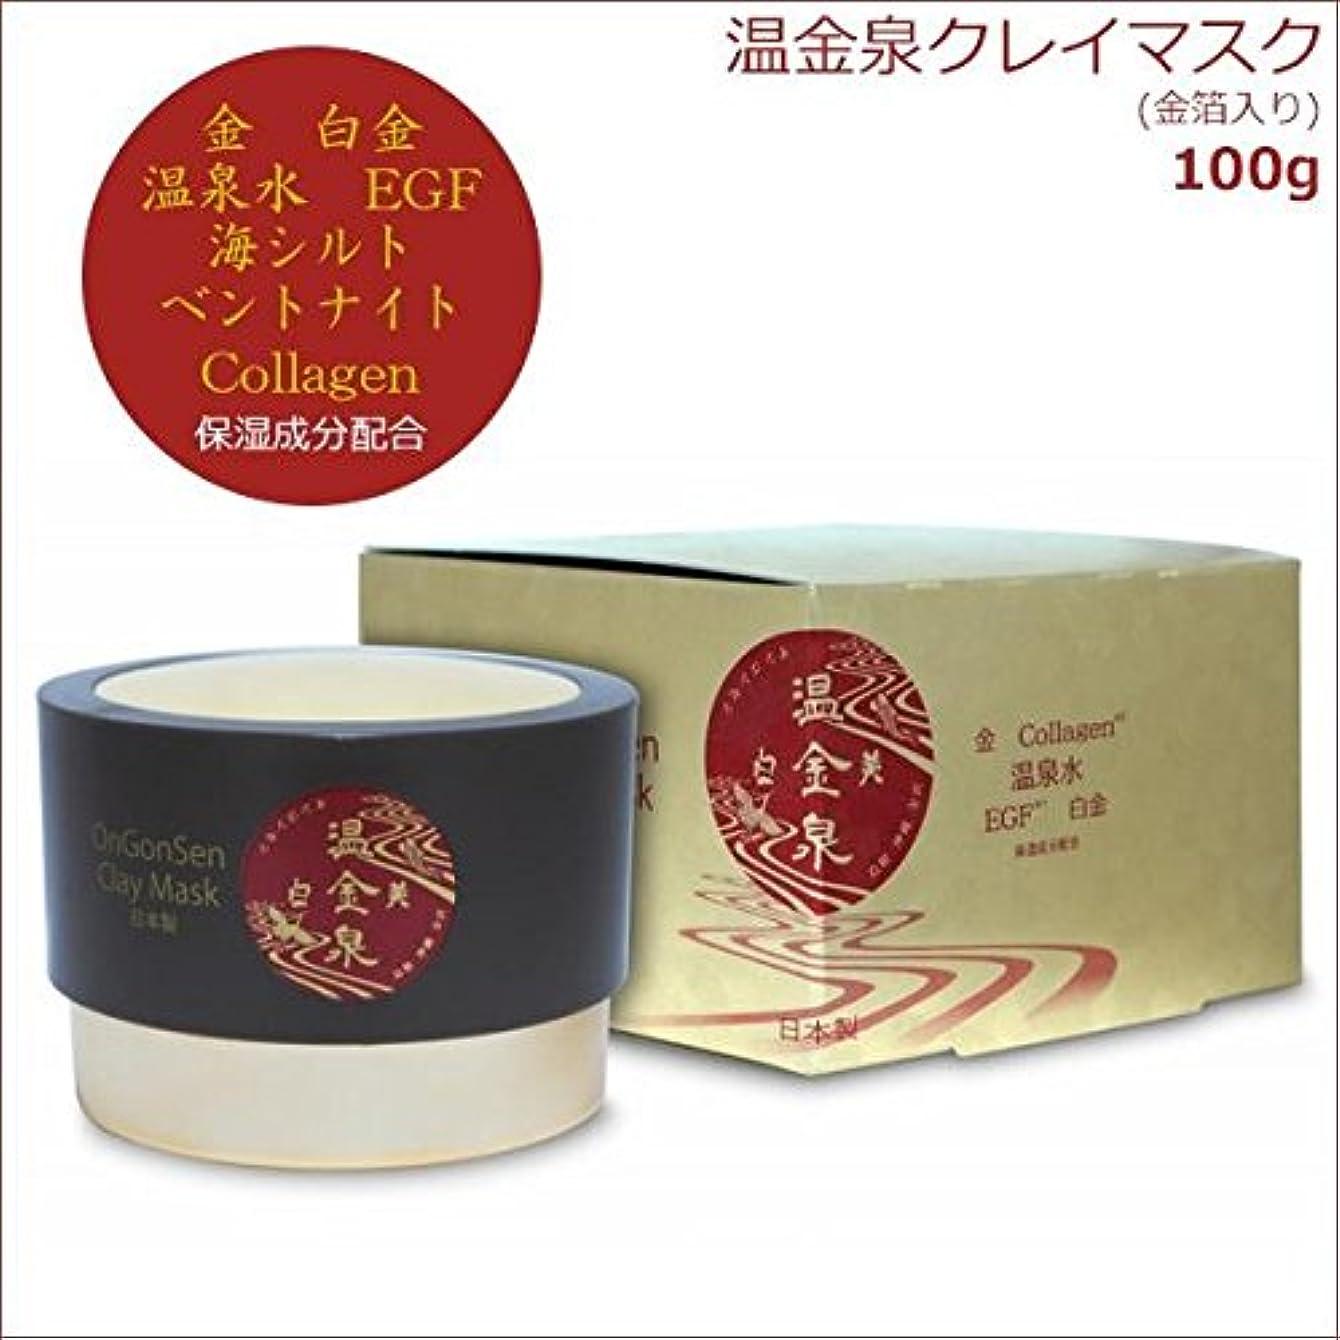 不規則なバランスのとれた指令日本製 HiROSOPHY ヒロソフィー 温金泉(オンゴンセン)クレイマスク 金箔入り 100g